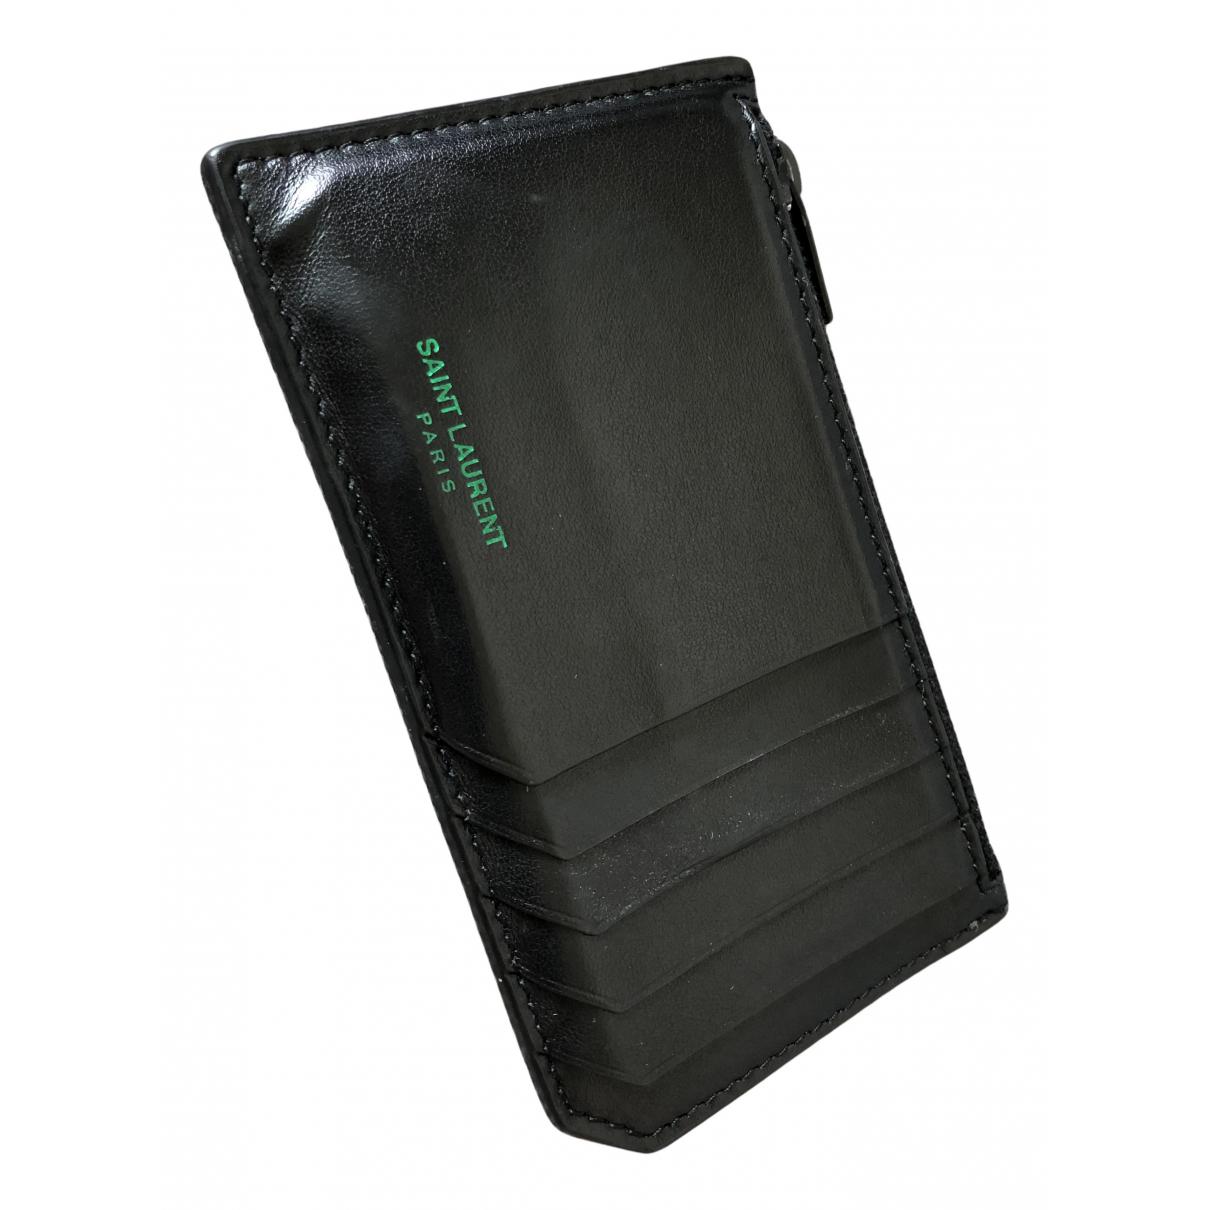 Saint Laurent N Black Leather Purses, wallet & cases for Women N